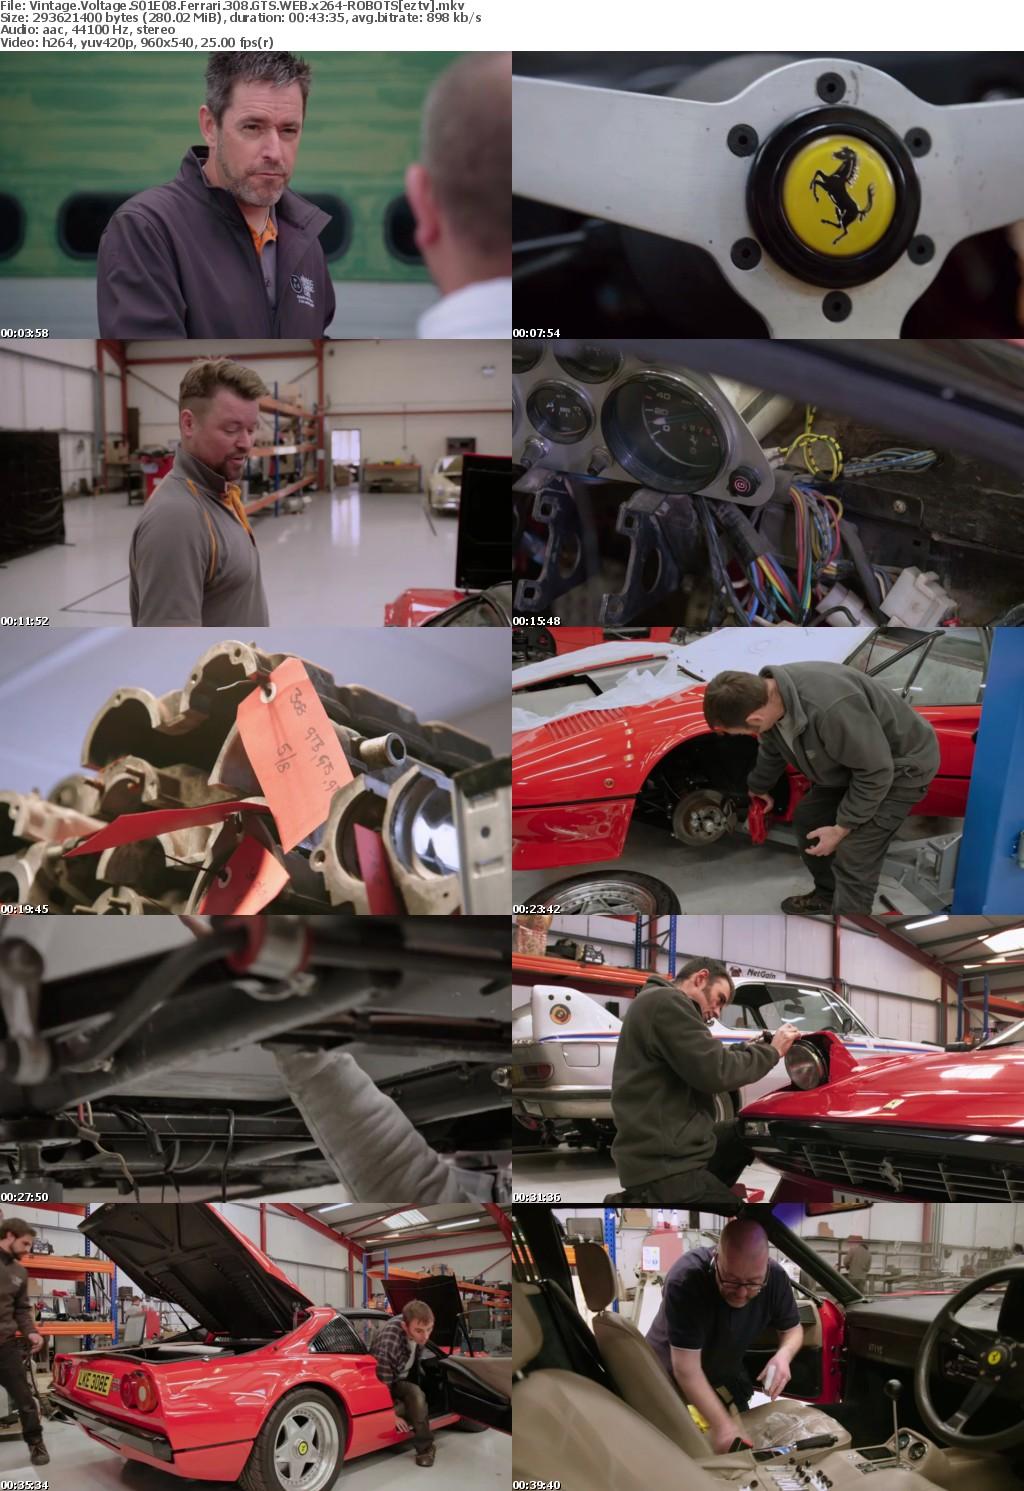 Vintage Voltage S01E08 Ferrari 308 GTS WEB x264-ROBOTS